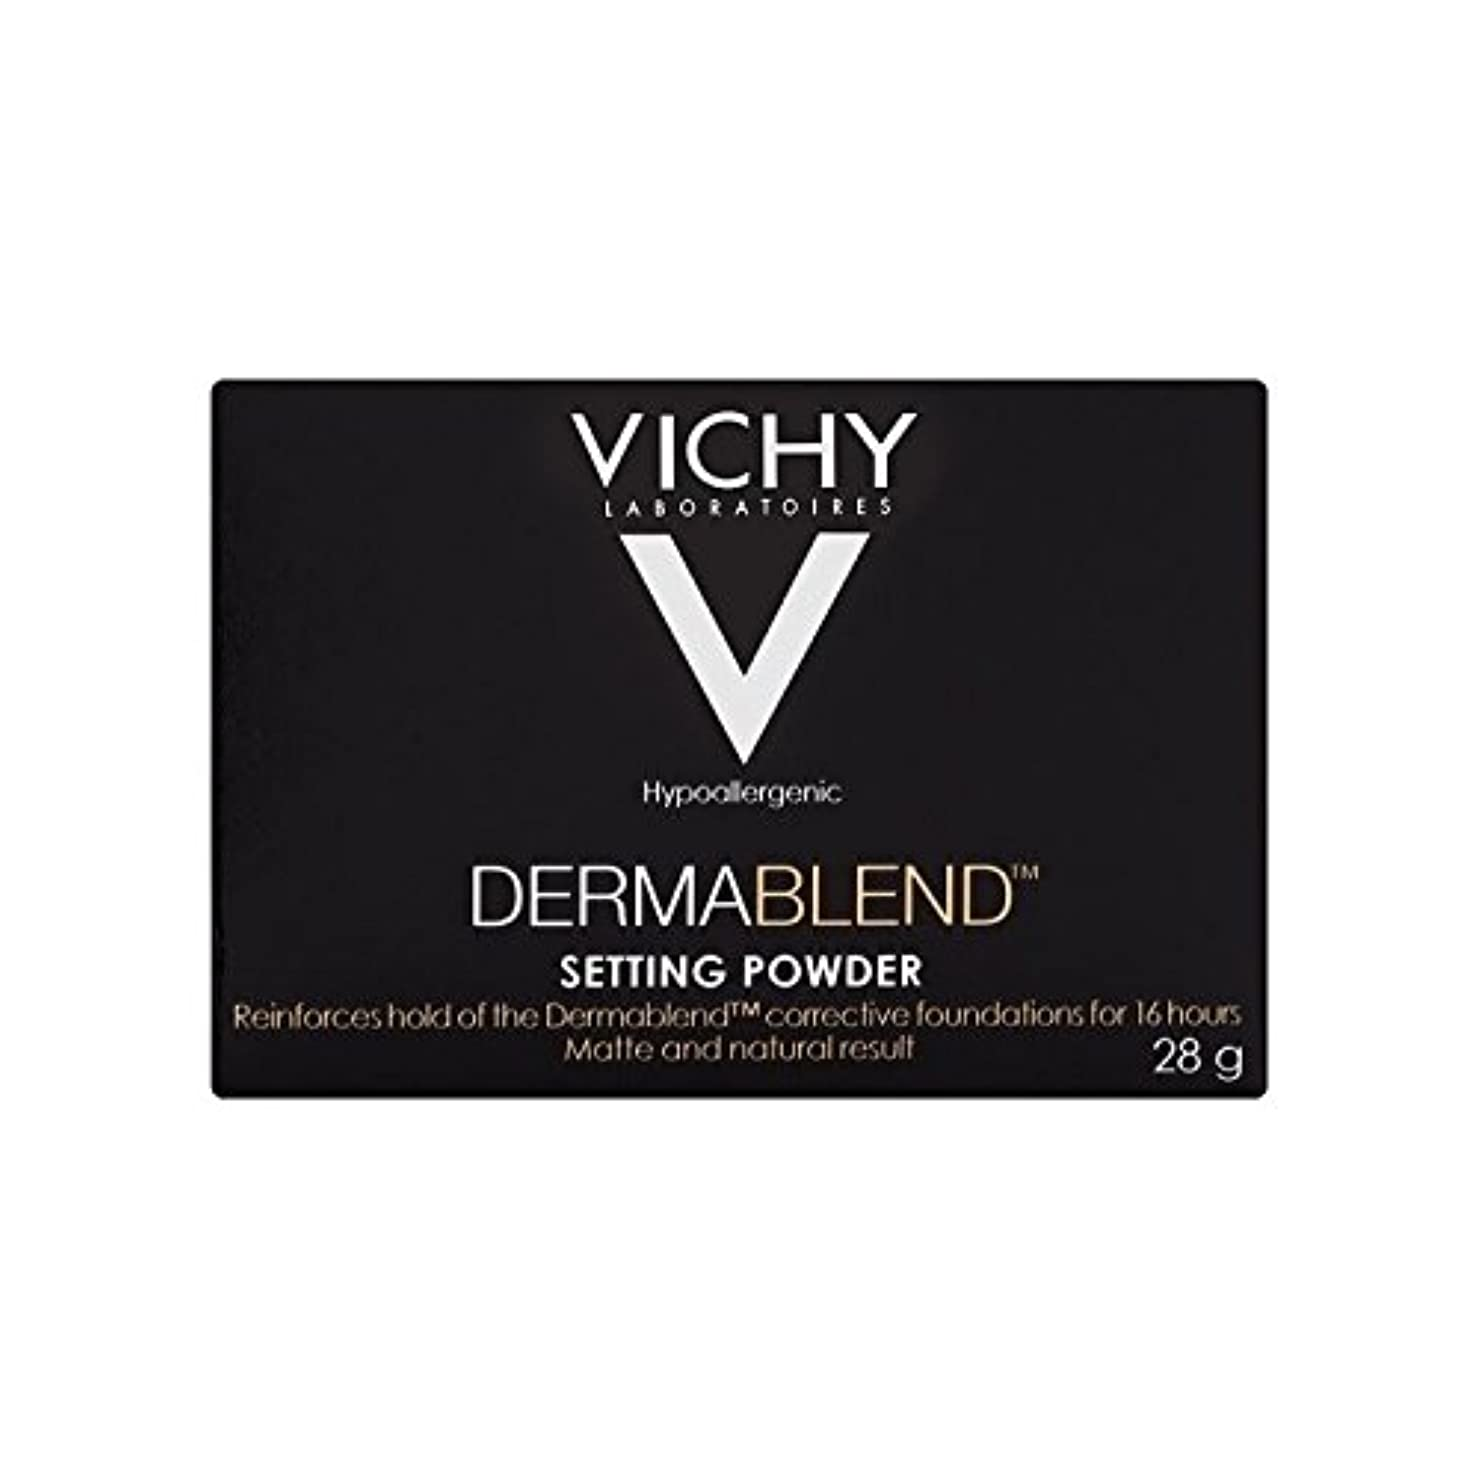 アーネストシャクルトン一貫した玉ねぎヴィシー設定粉末28グラム x4 - Vichy Dermablend Setting Powder 28g (Pack of 4) [並行輸入品]